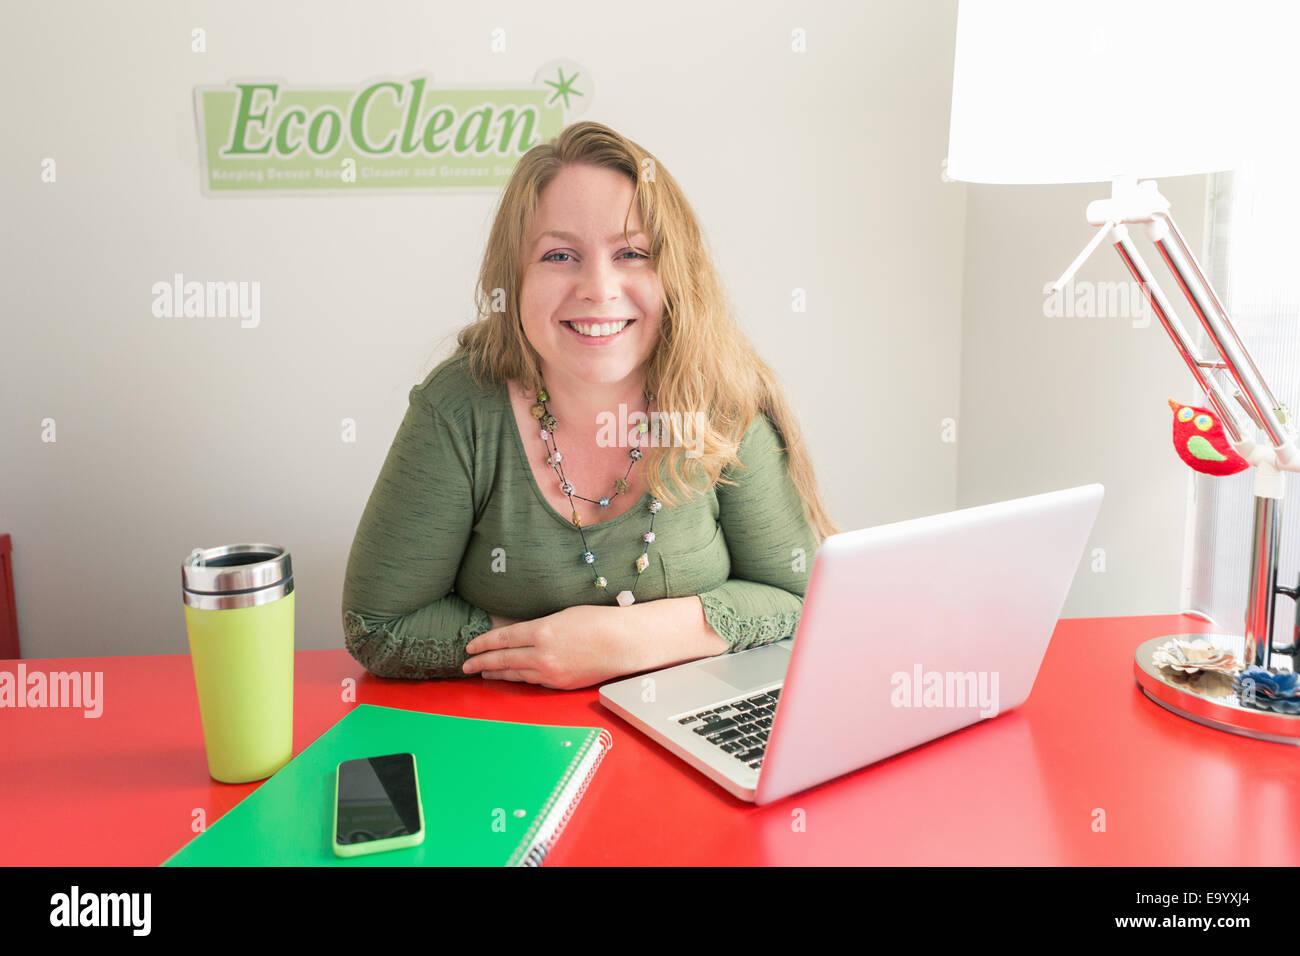 Proprietario di piccola impresa di pulizia verde azienda Immagini Stock